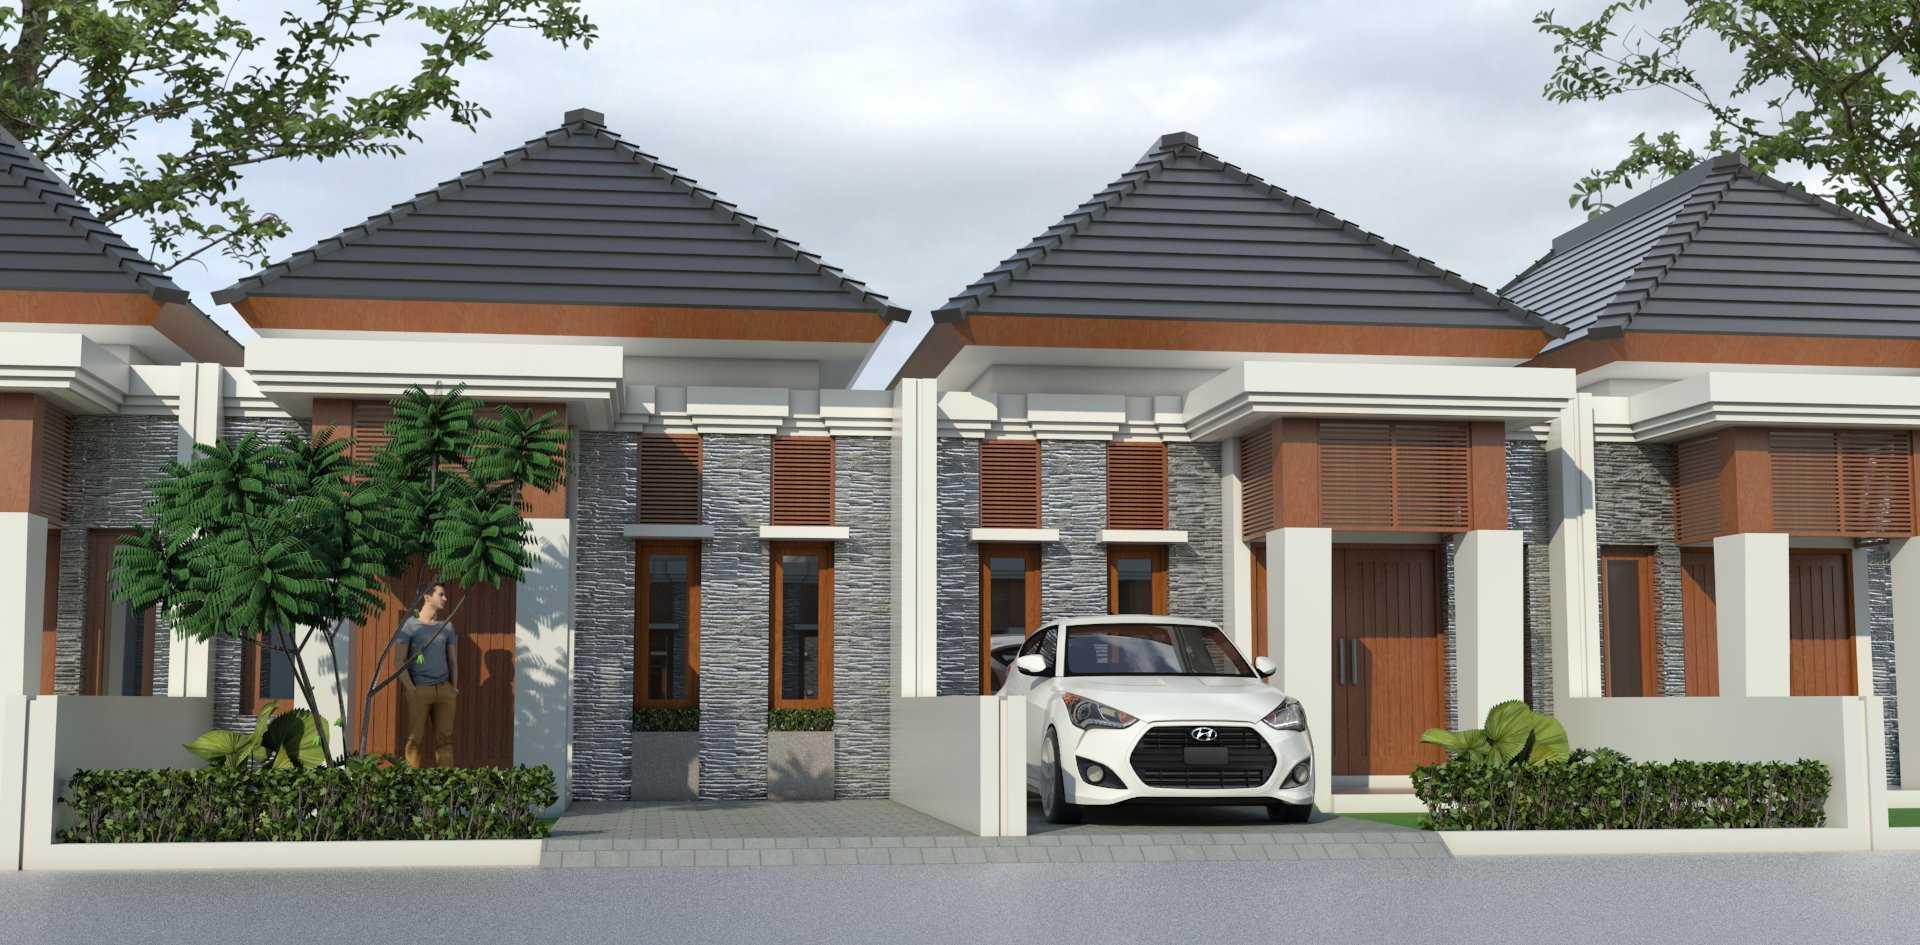 Mannor Architect Premium Cluster Modern Bogor, Jawa Barat, Indonesia Bogor, Jawa Barat, Indonesia Premium Cluster Modern - Front View Modern <P>Tampak Depan Rumah Dengan Model Fasade Bali Modern</p> 43884